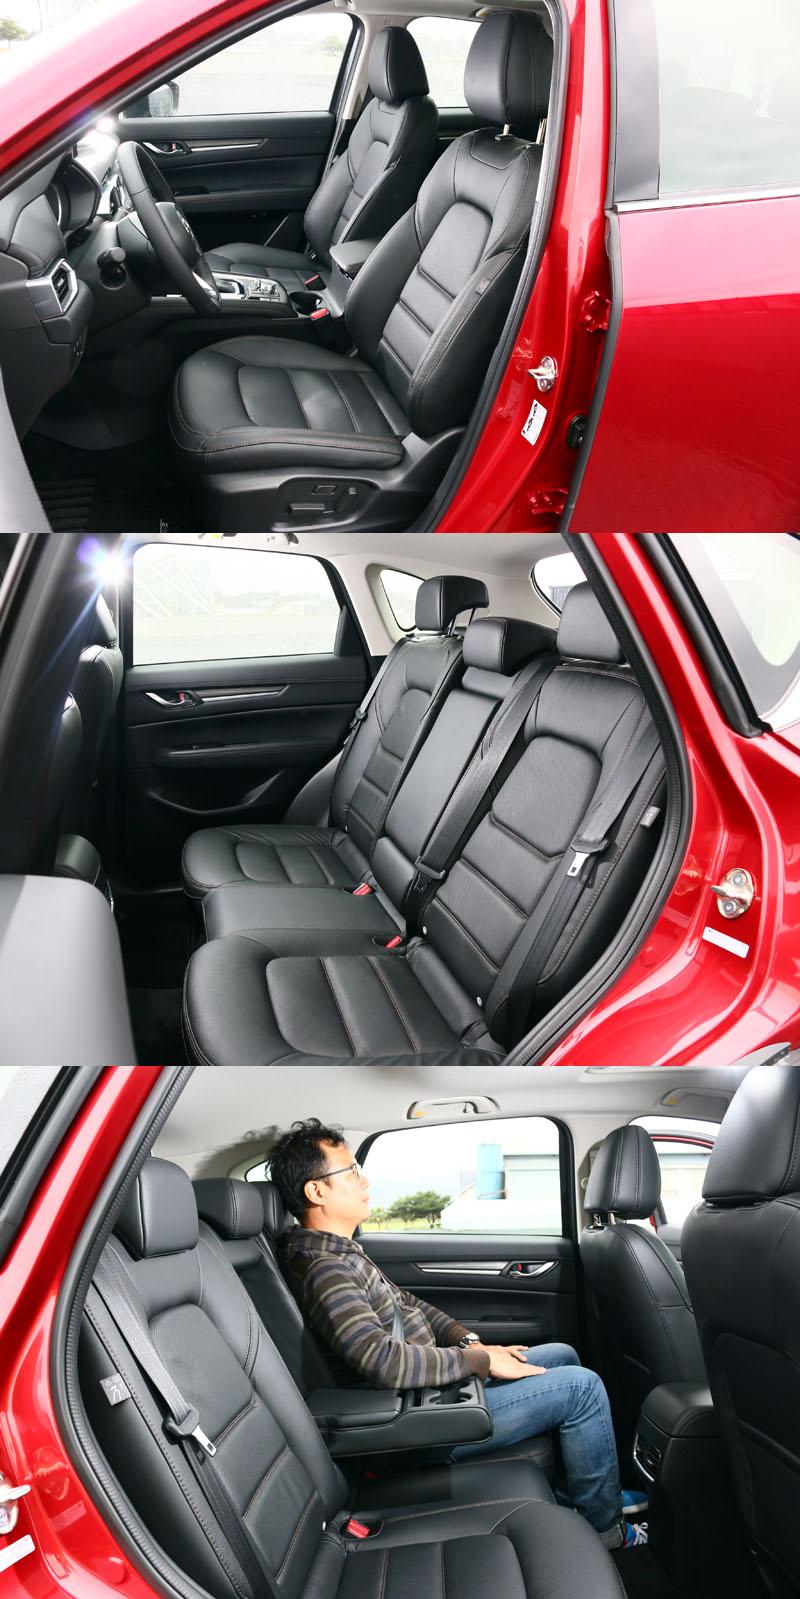 Mazda並沒有CX-5沒有特別強調車內空間有多大,而它們向來強調的是給你夠用的空間,而不是大而使用率不高的空間,整個概念與台灣就是要追求極大化很不相同。